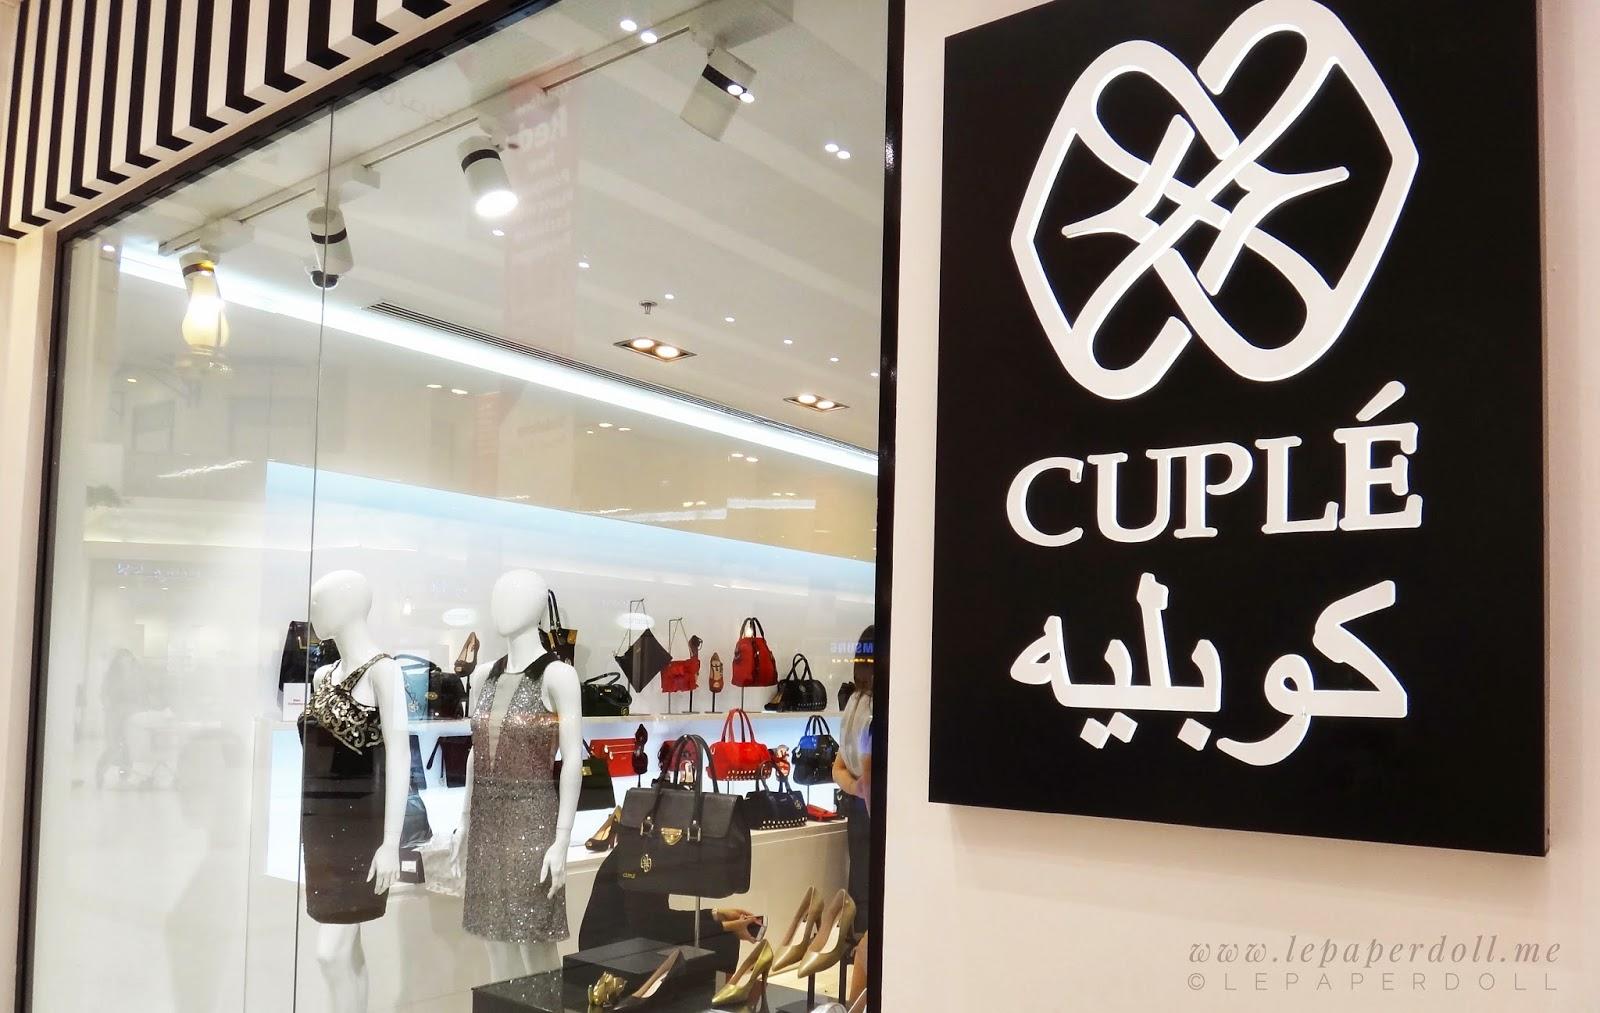 cuplé - Cuplé planea ingresar este año a Ecuador, Colombia y Estados Unidos